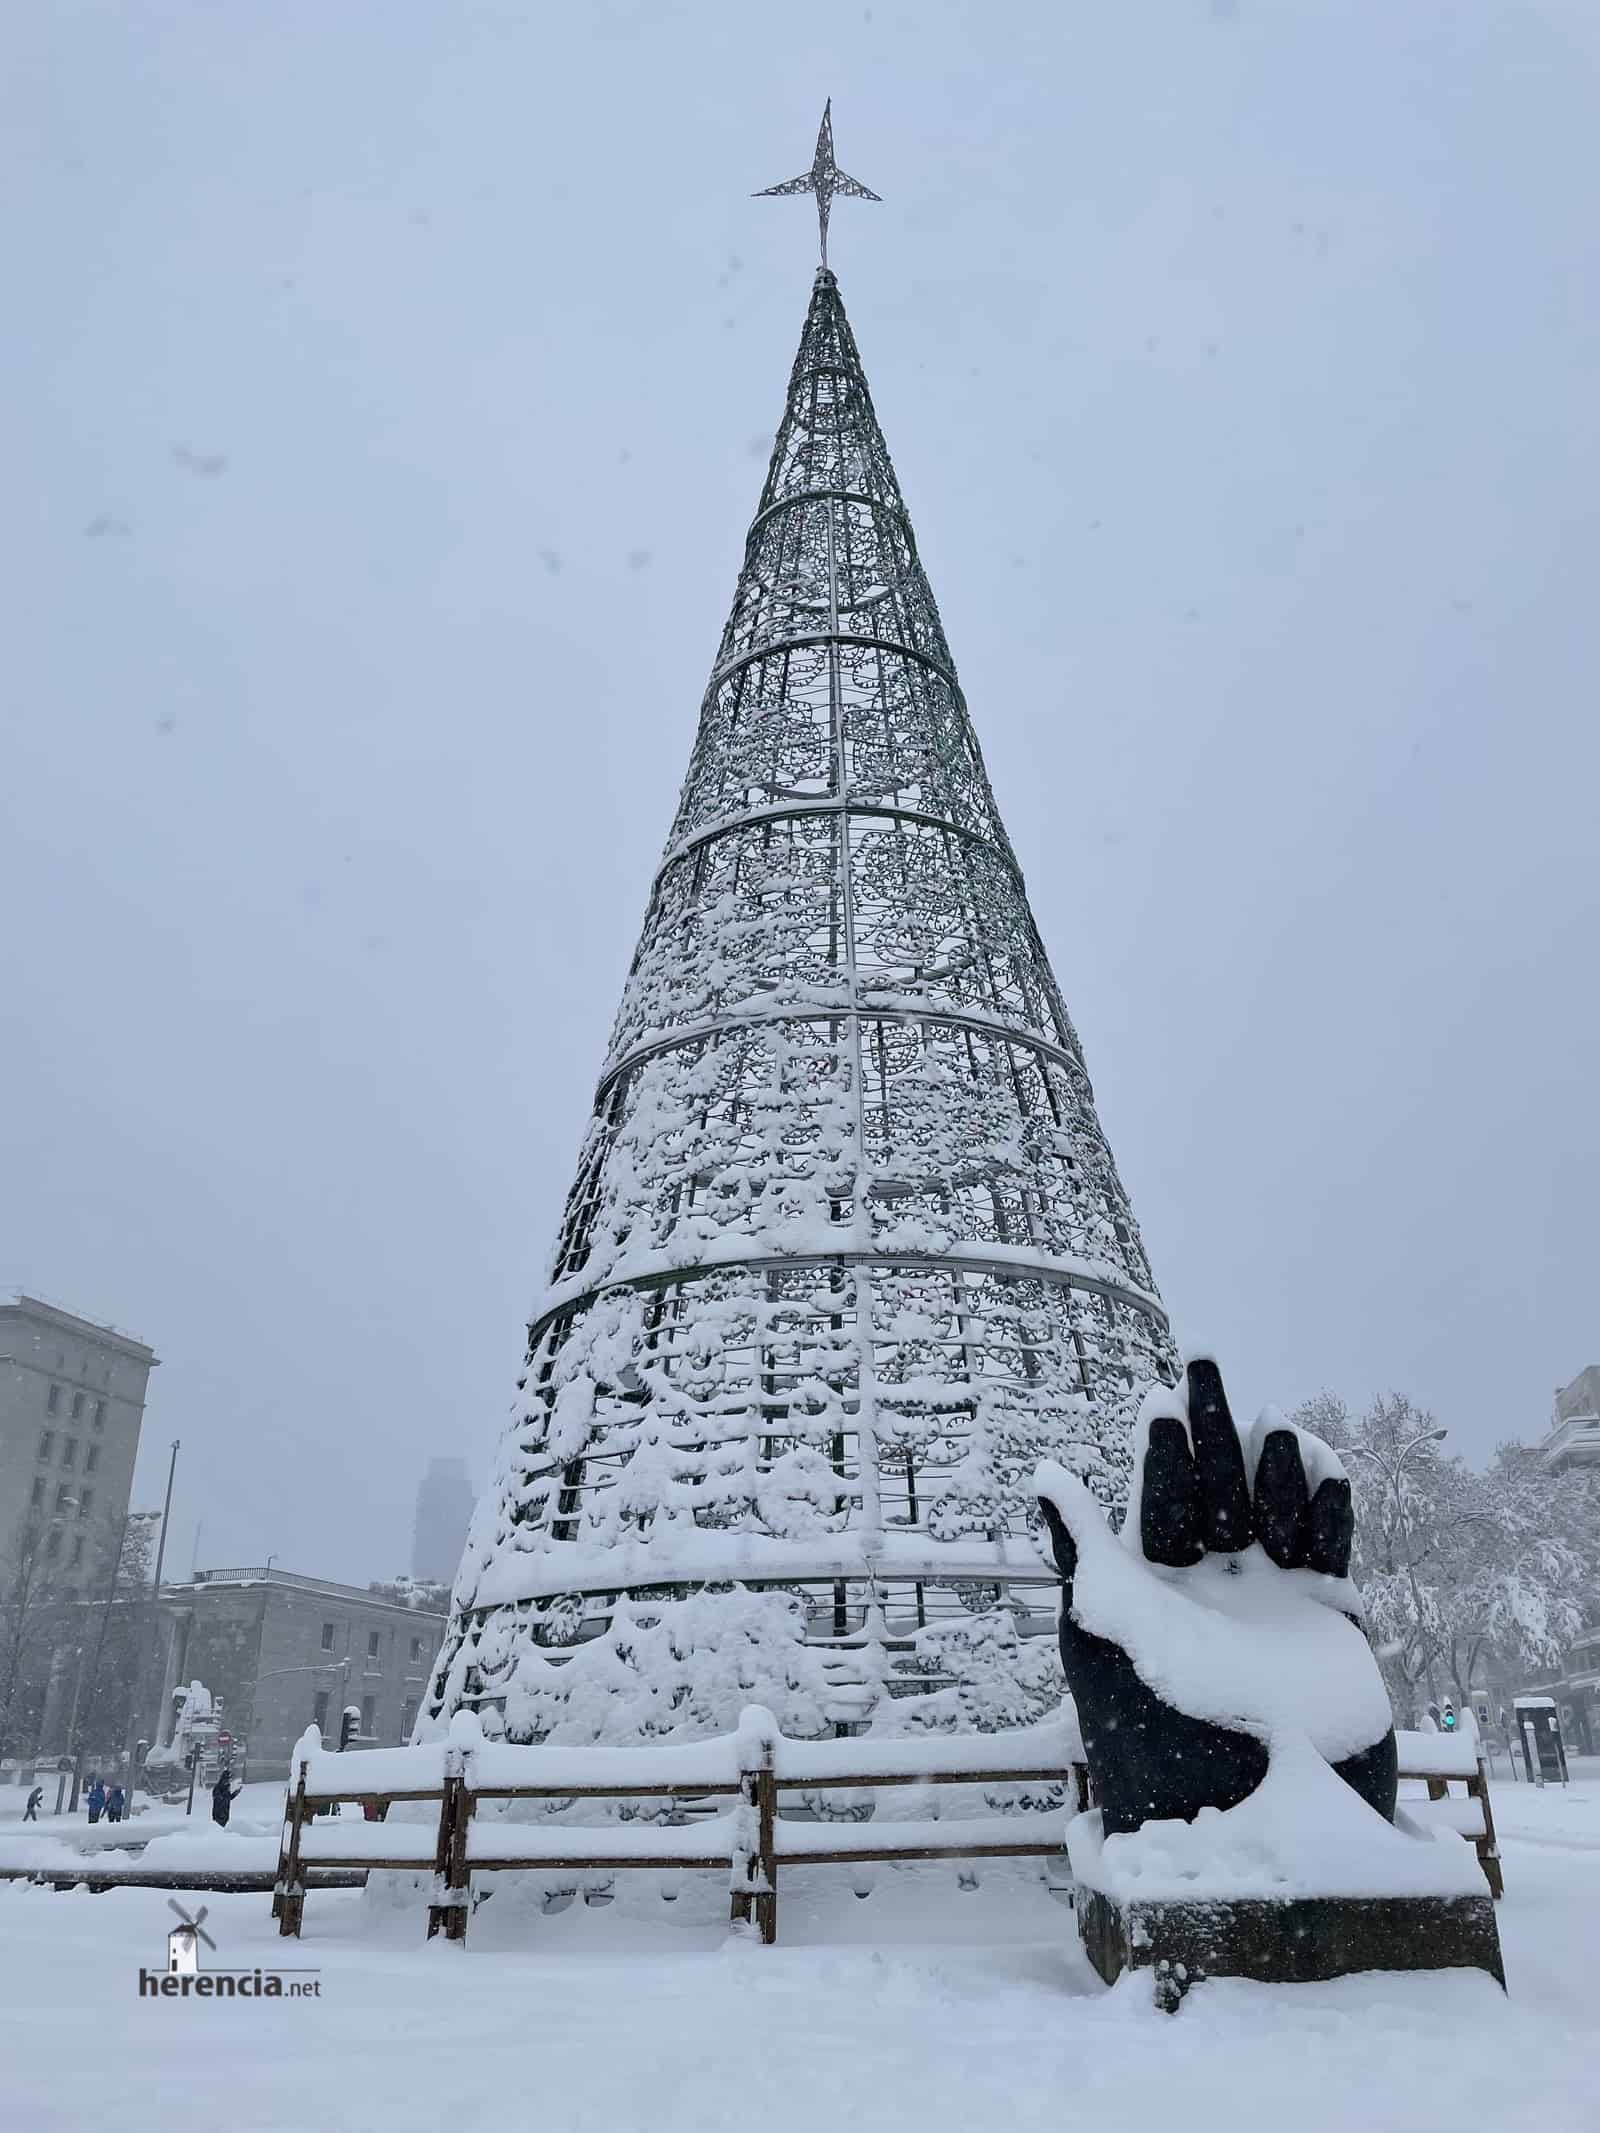 Fotografías de la nevada de enero en Madrid (España) 225